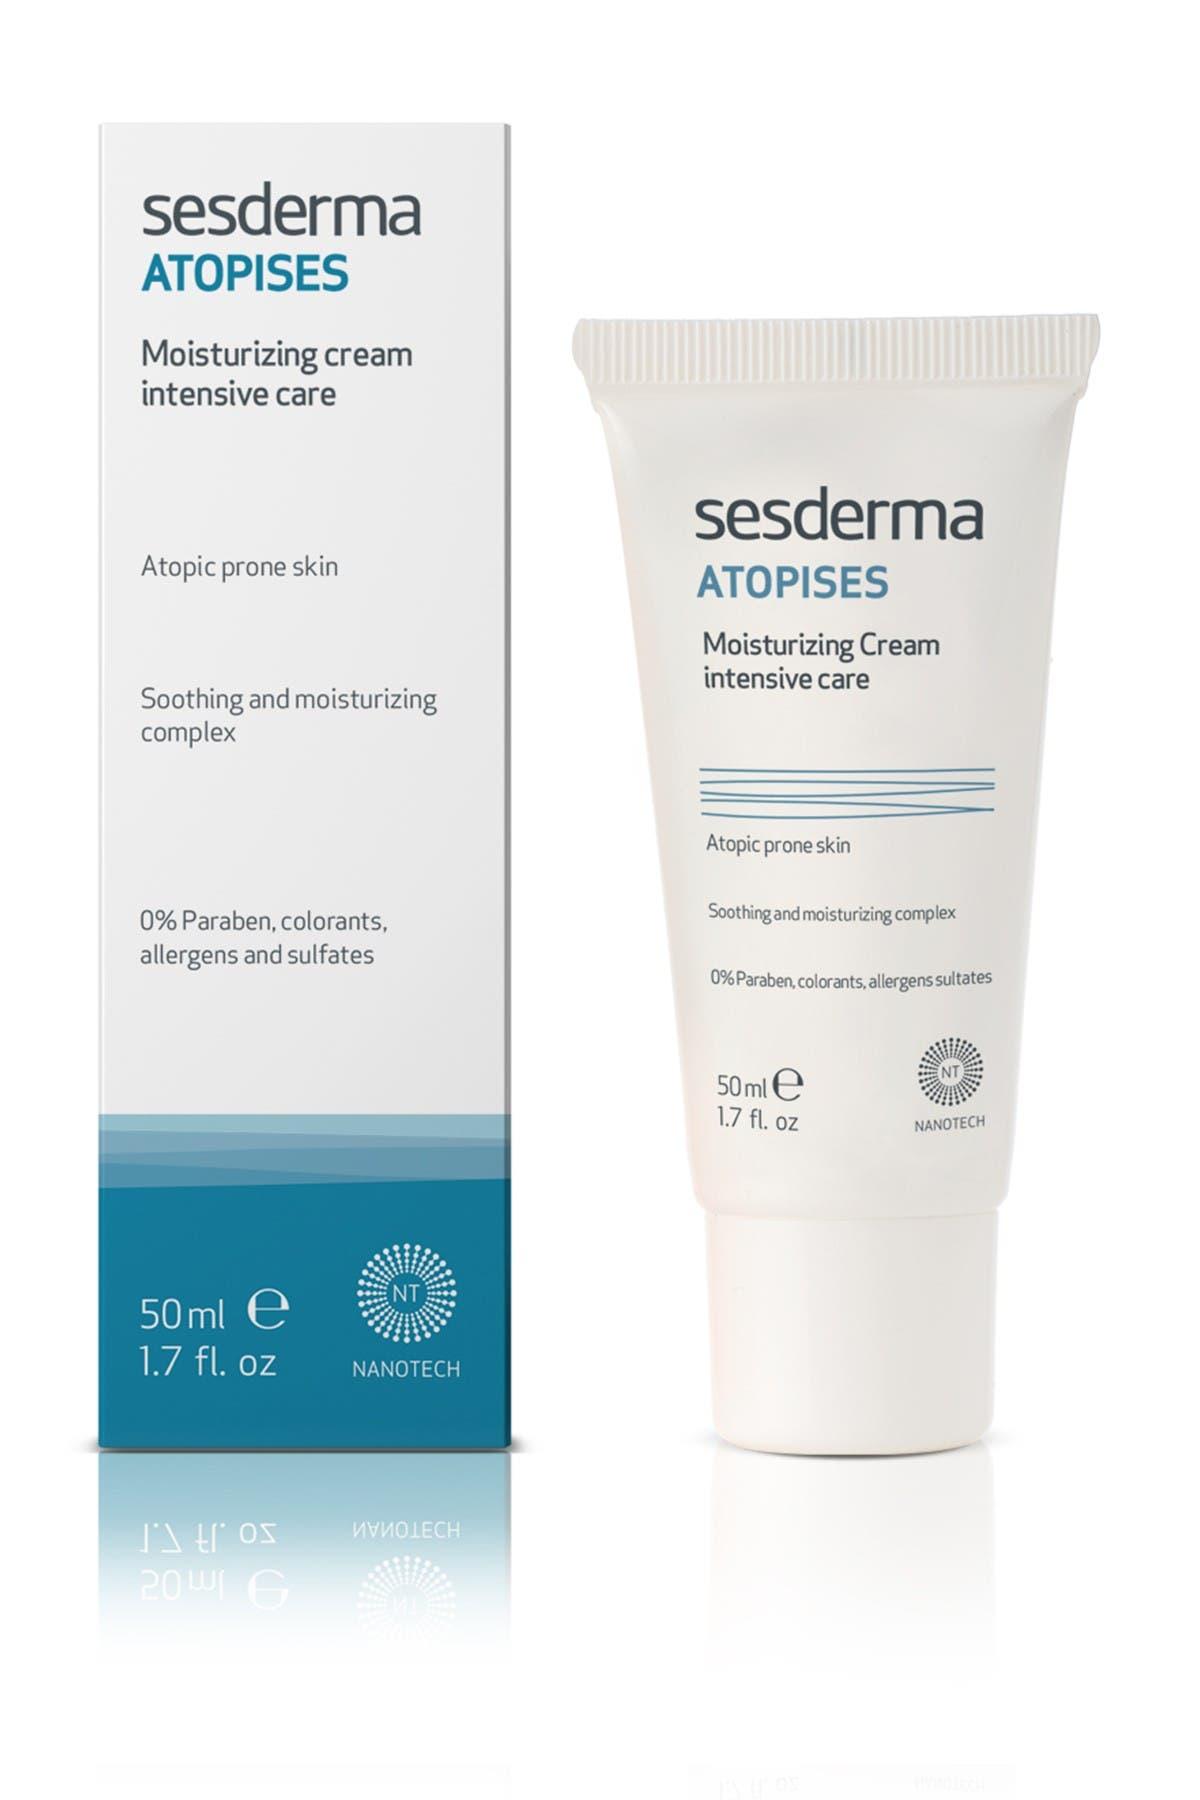 Image of Sesderma ATOPISES Moisturizing Cream